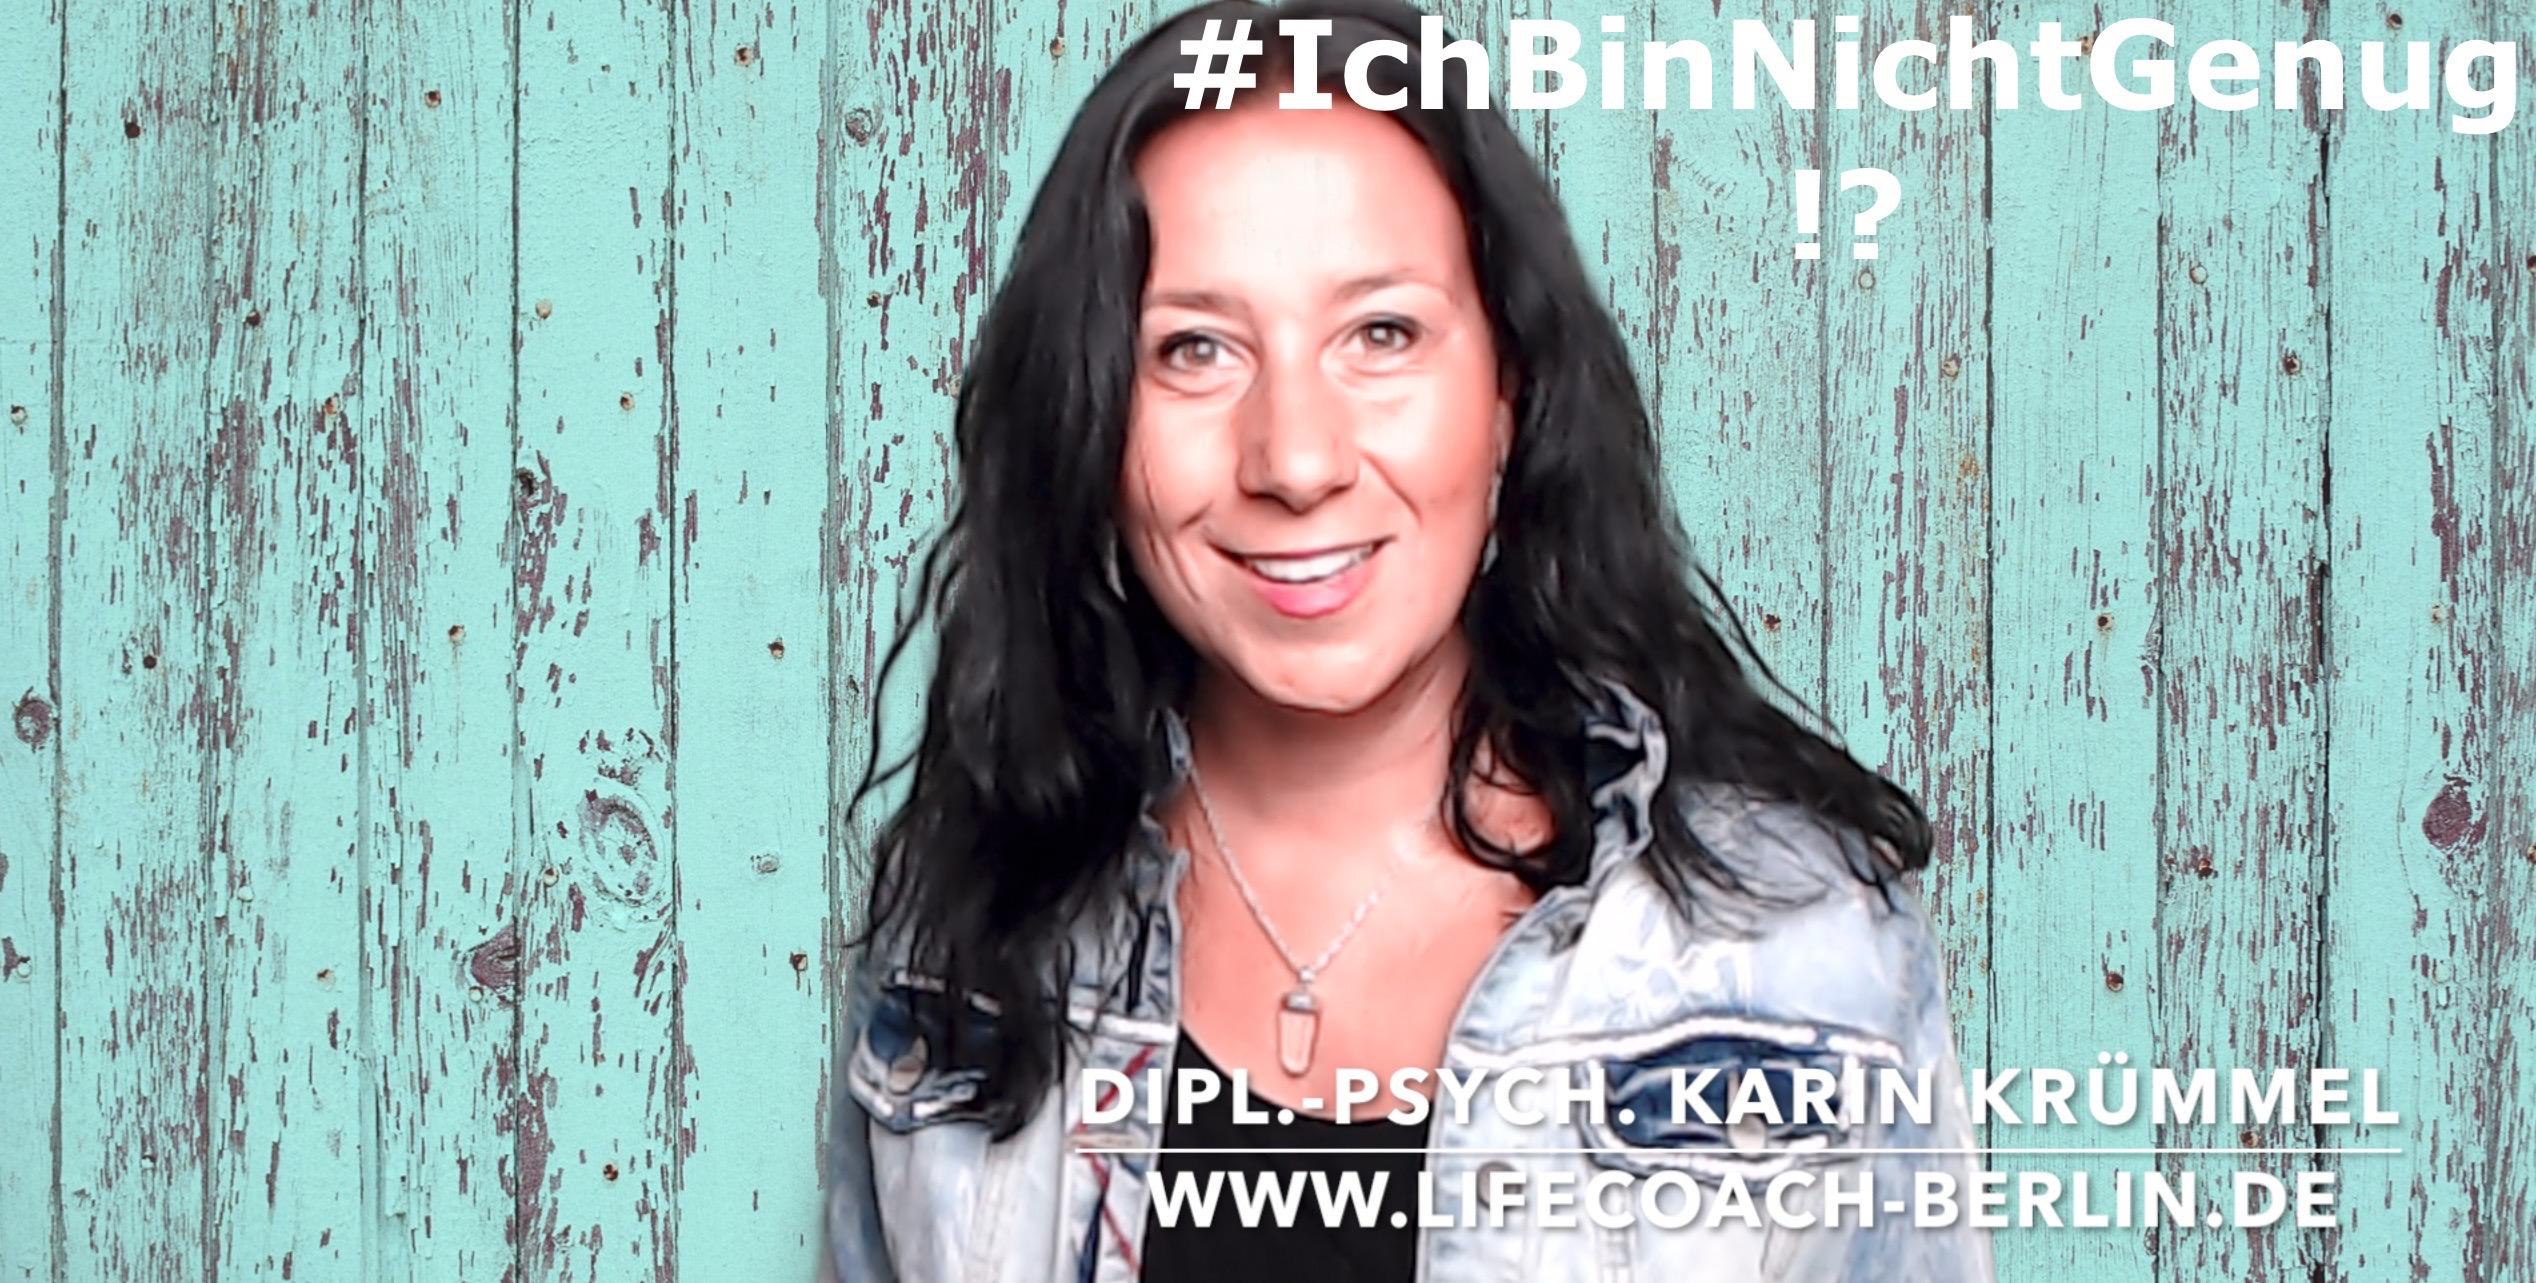 Lifecoaching: Ich bin nicht genug!? -Lifecoach & Dipl.-Psych. Karin Krümmel, www.lifecoach-berlin.de